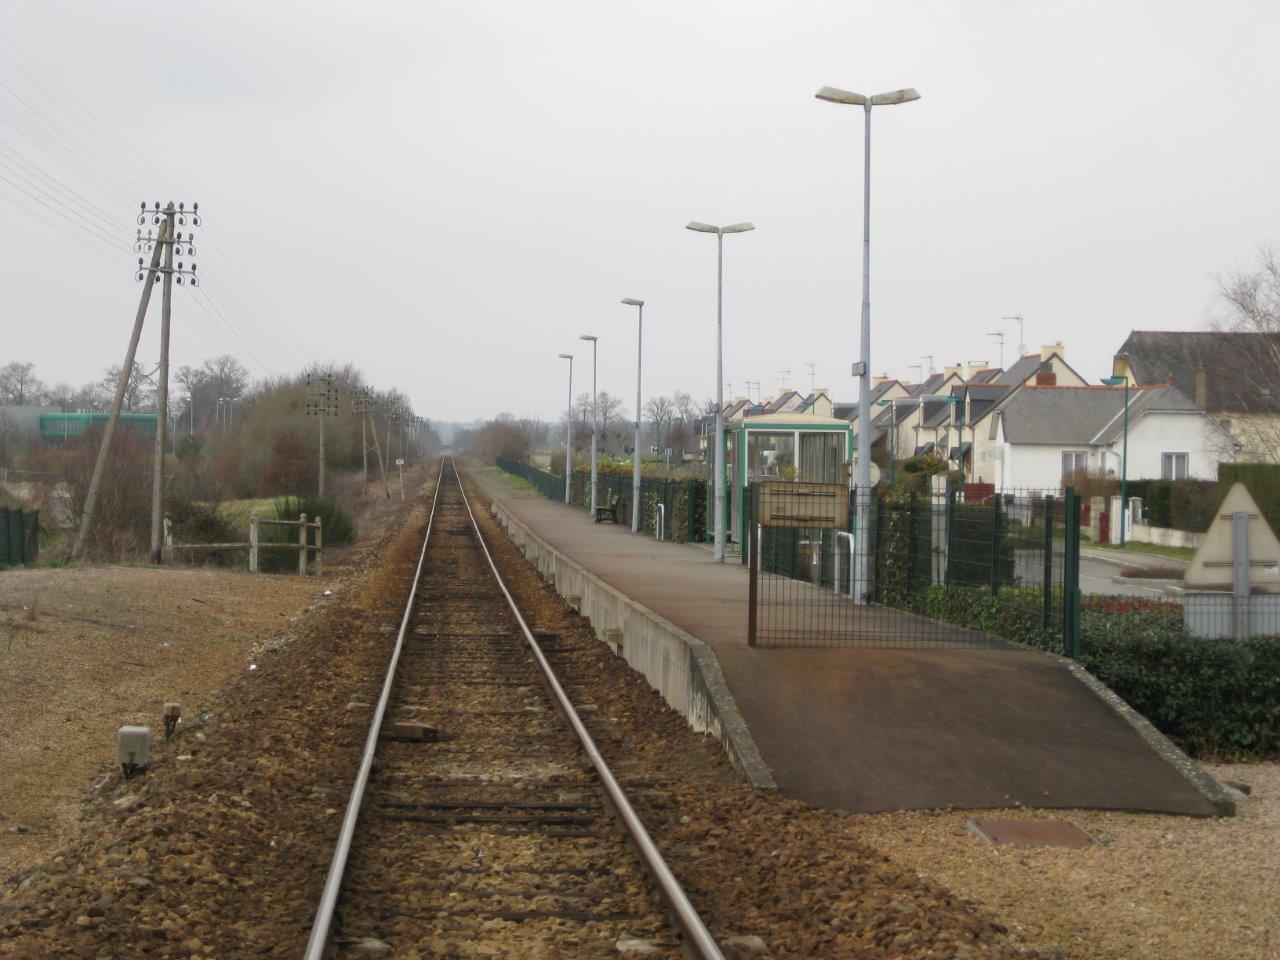 gare-de-saint-armel-train-station